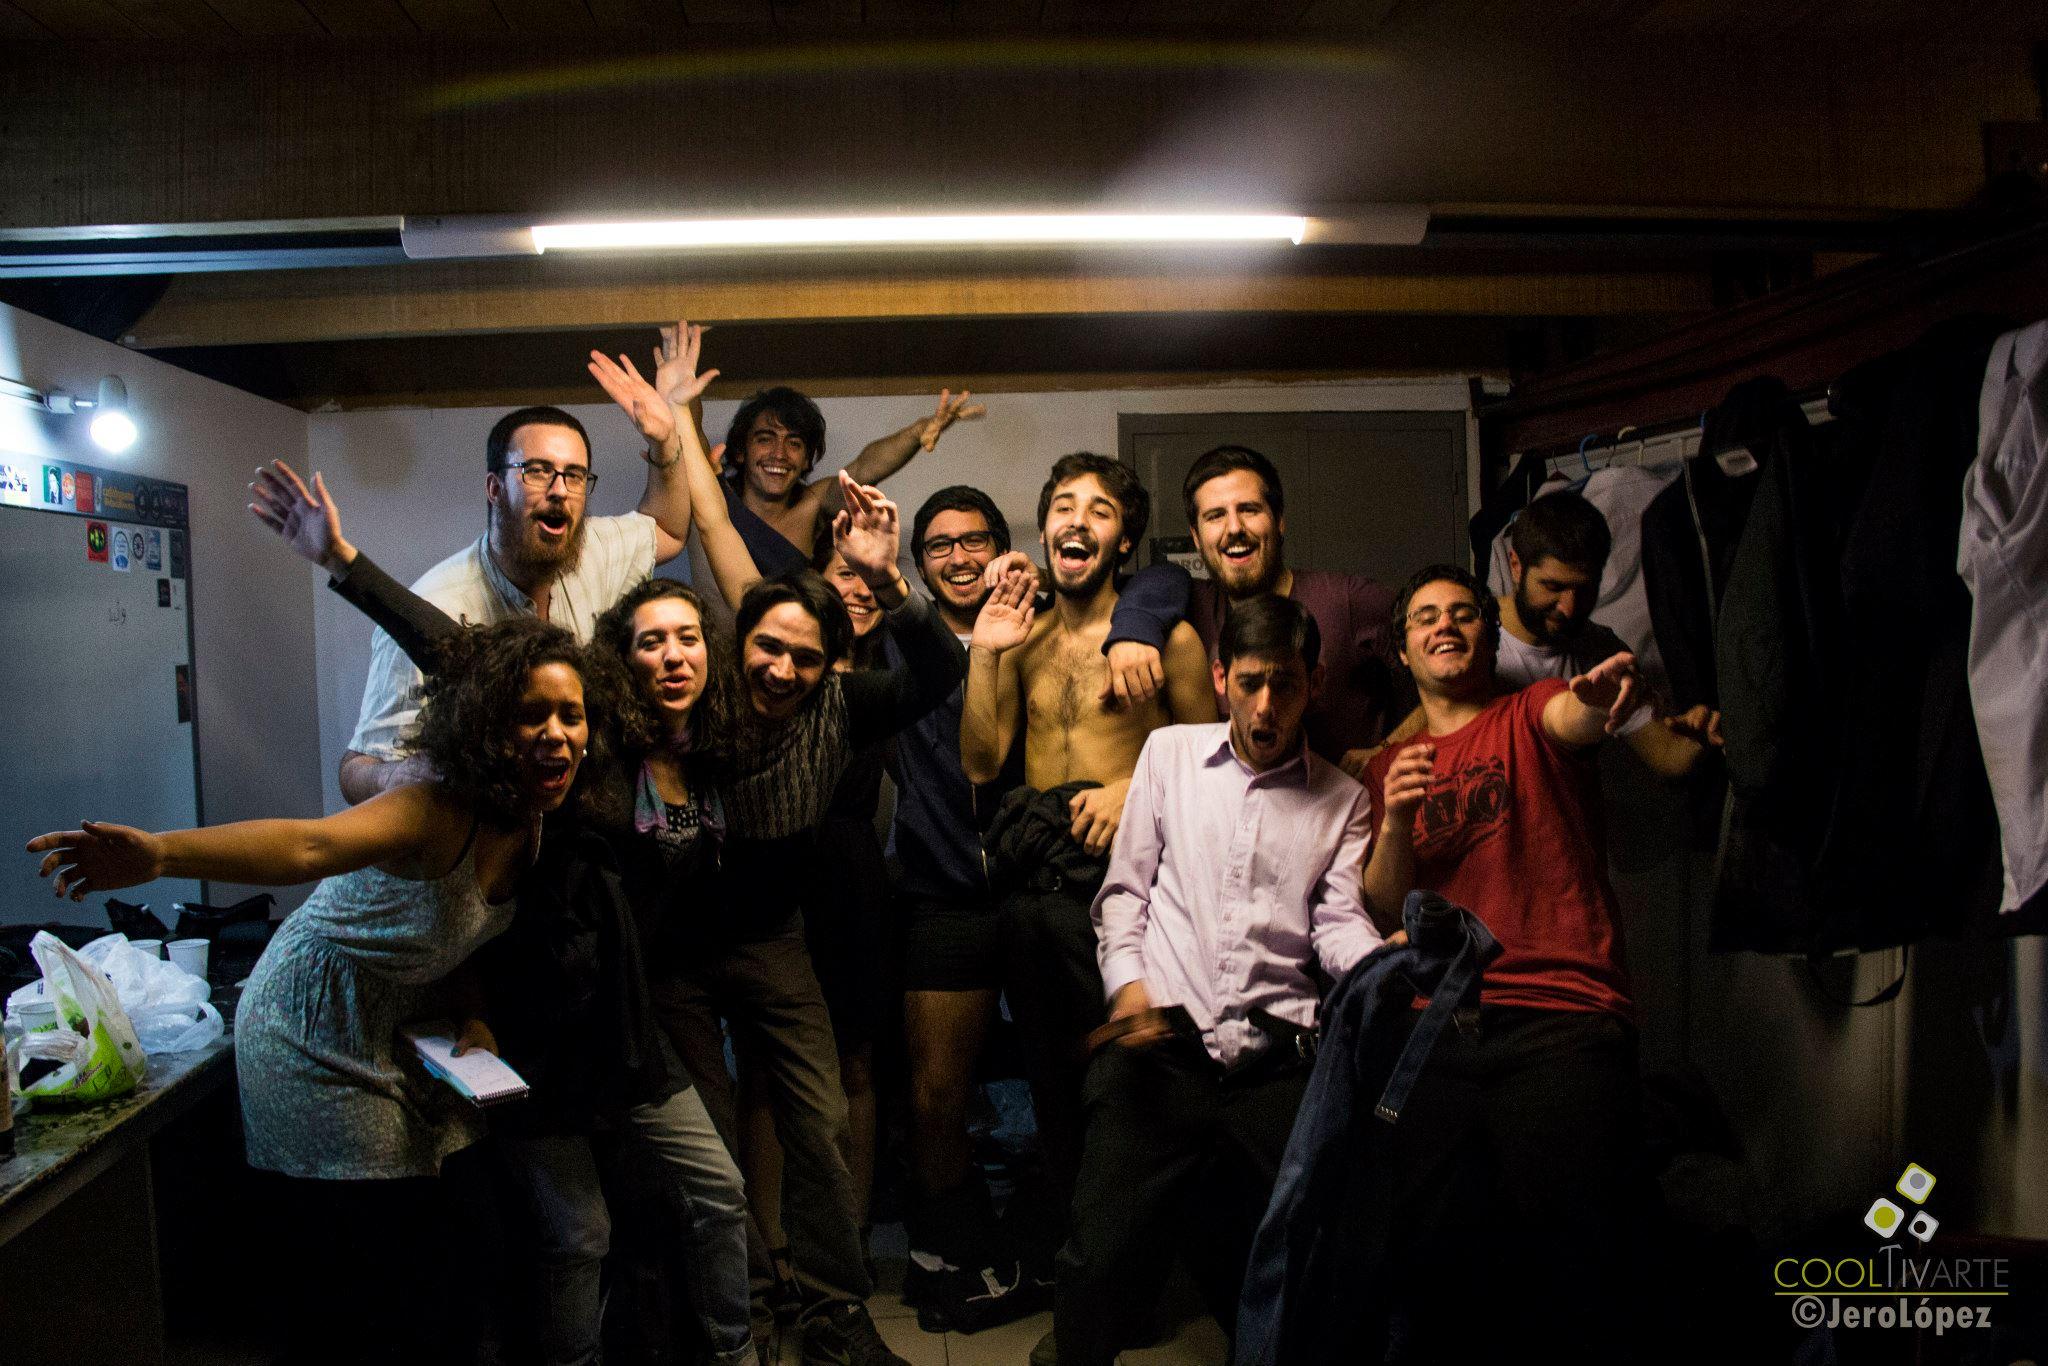 imagen - LA IMBAILABLE + SALADOS en Sala Zitarrosa - 14 de julio 2015 Foto © Jerónimo López